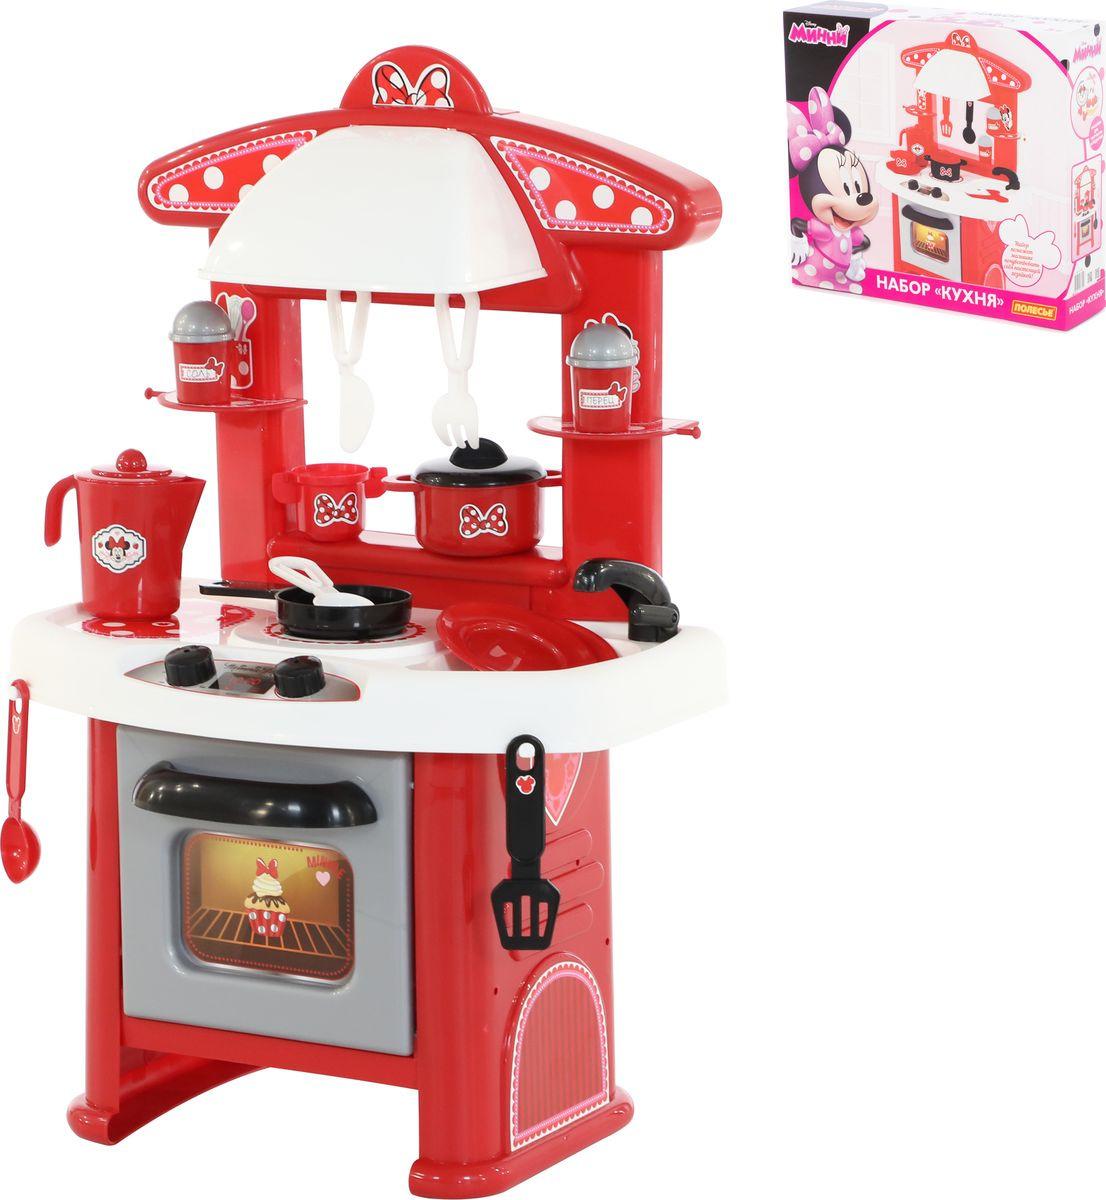 цена Игровой набор Полесье Кухня Disney Минни Маус, 73150 онлайн в 2017 году